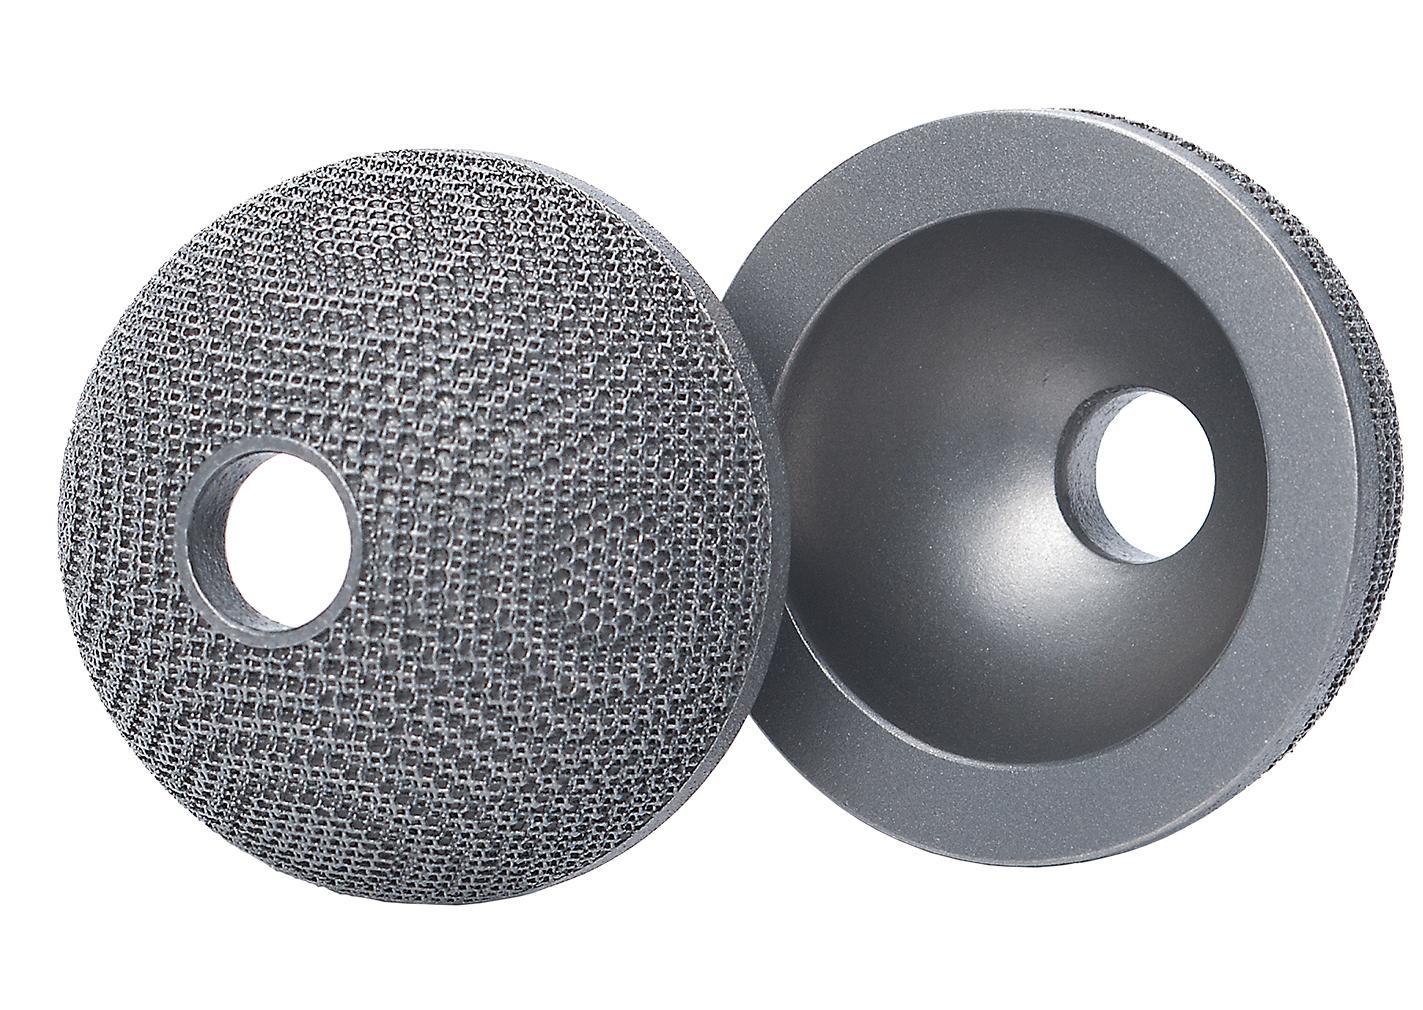 SLM additive manufactured parts